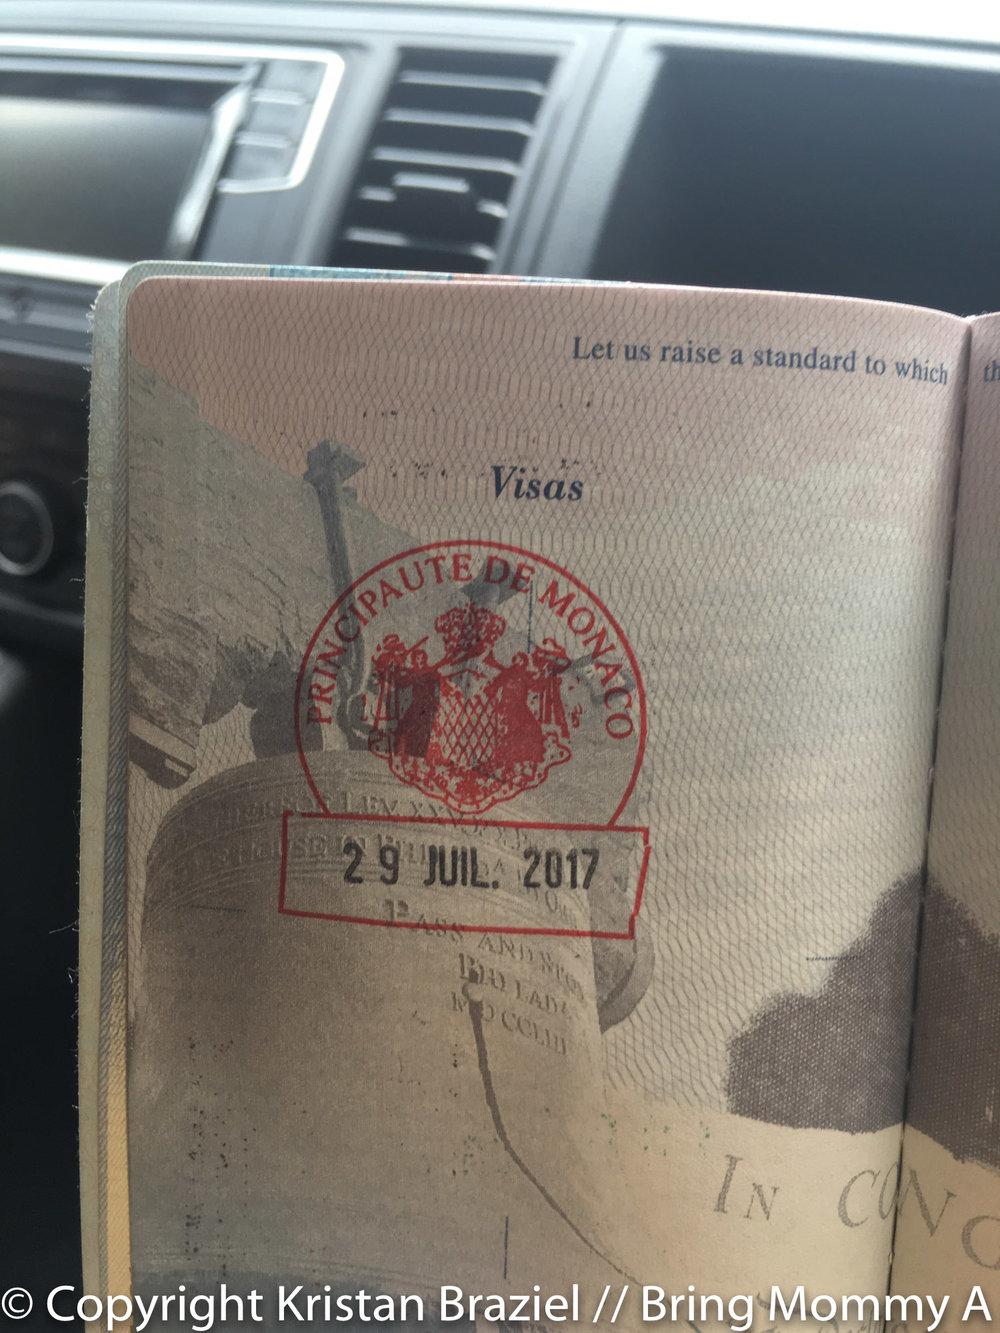 Monaco stamp in my passport!